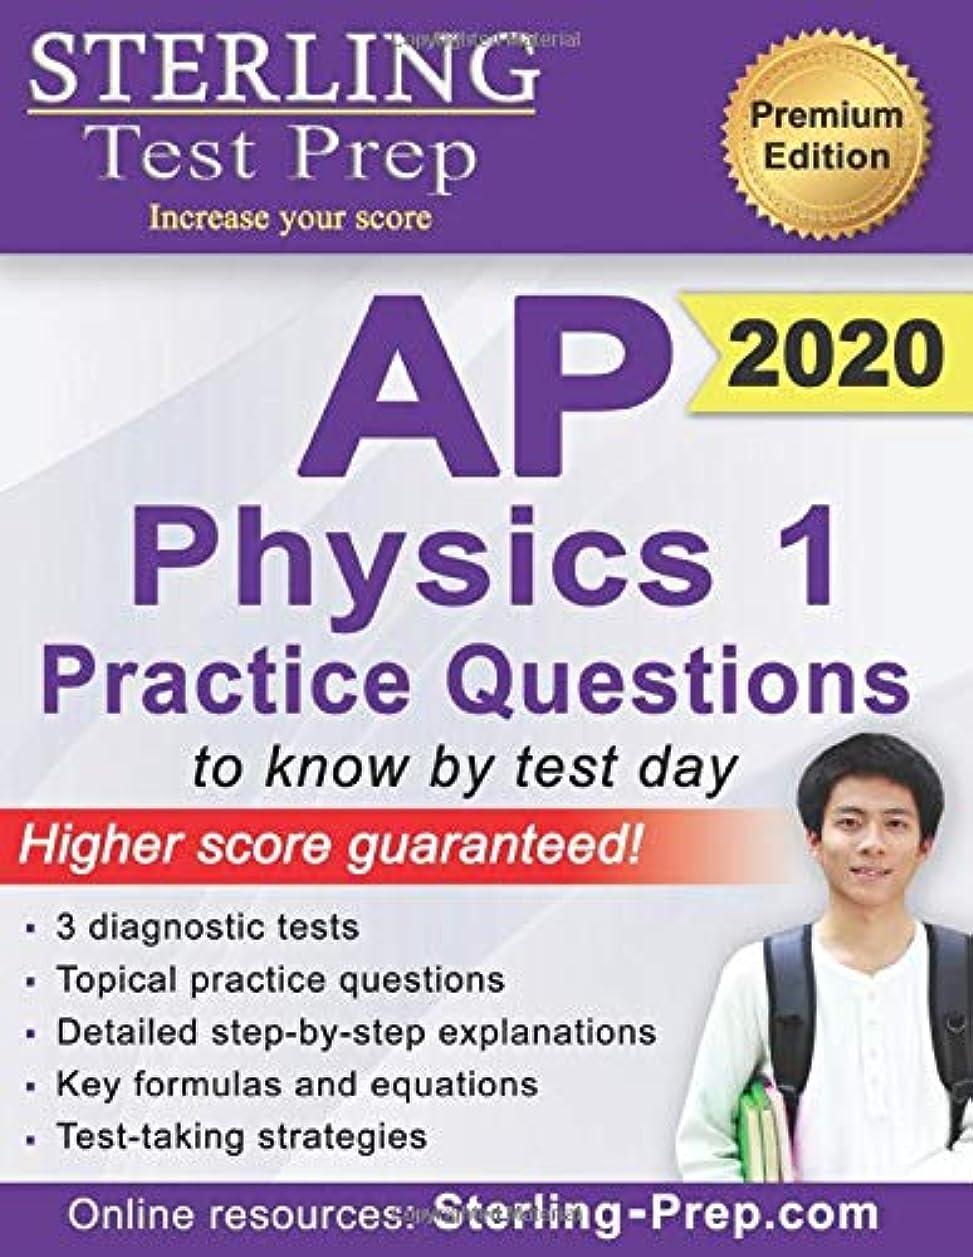 喉が渇いた歩行者落胆させるSterling Test Prep AP Physics 1 Practice Questions: High Yield AP Physics 1 Practice Questions with Detailed Explanations